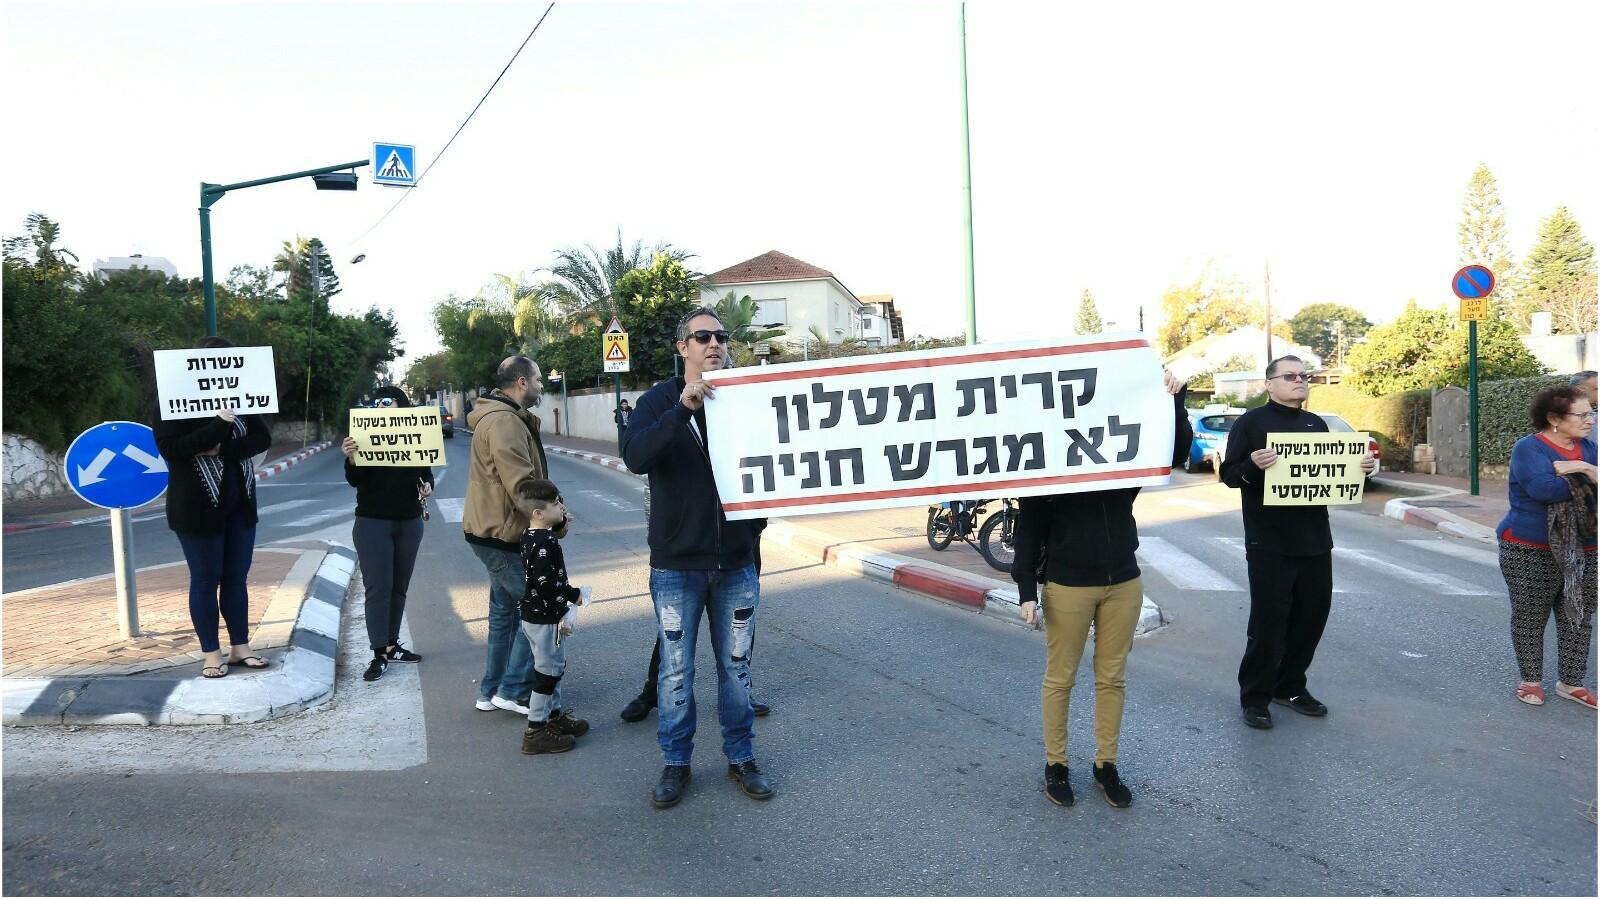 הפגנה בקרית מטלון. צילום באדיבות התושבים